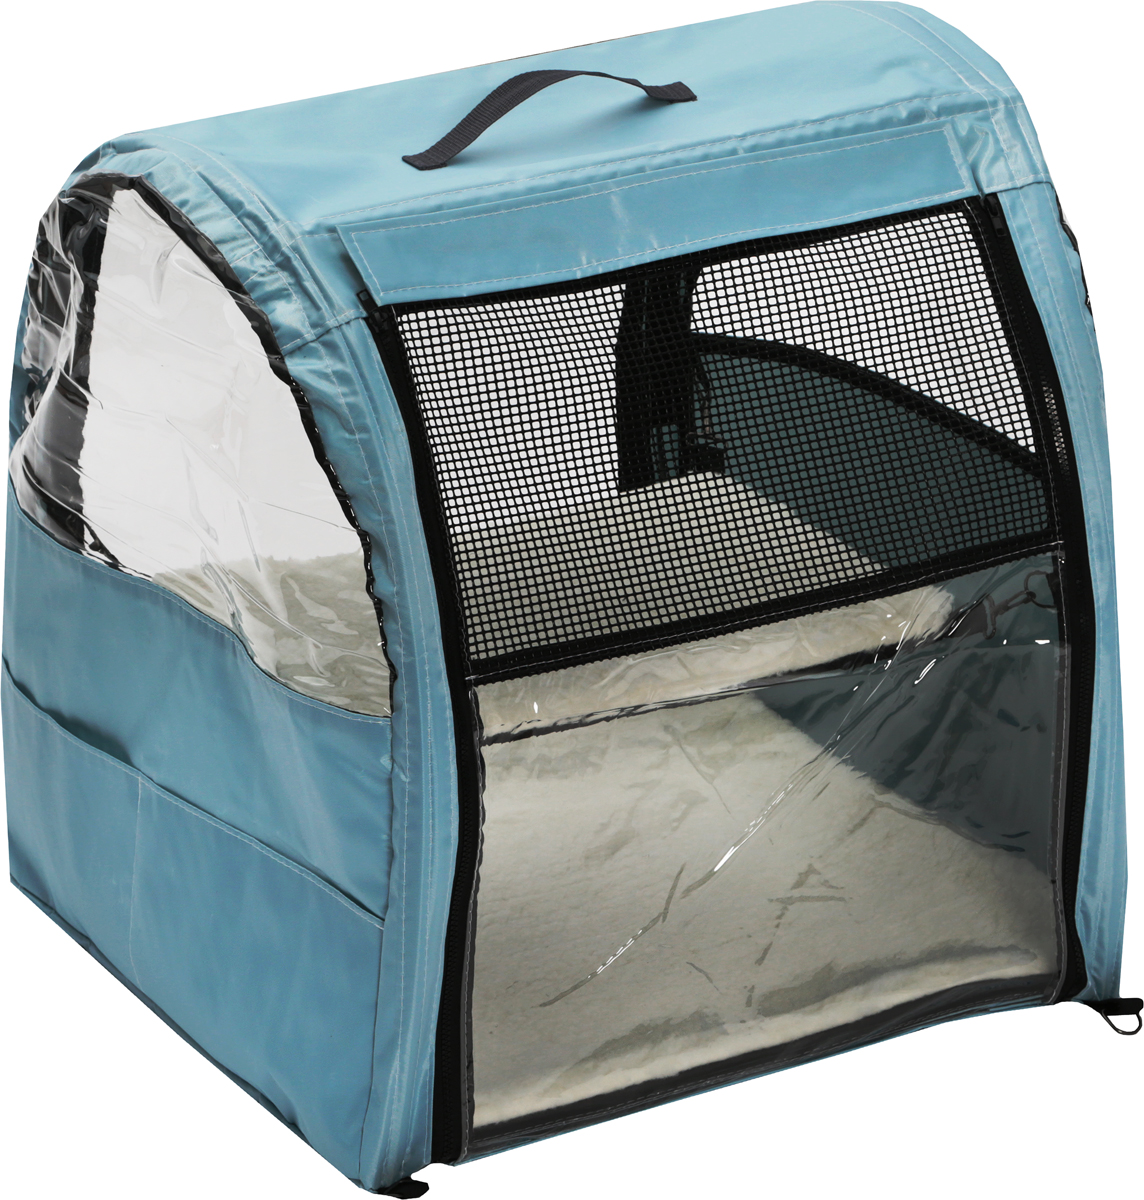 Клетка-палатка для животных  Заря-Плюс , выставочная, с чехлом, цвет: нежно-голубой, 51 х 58 х 55 см